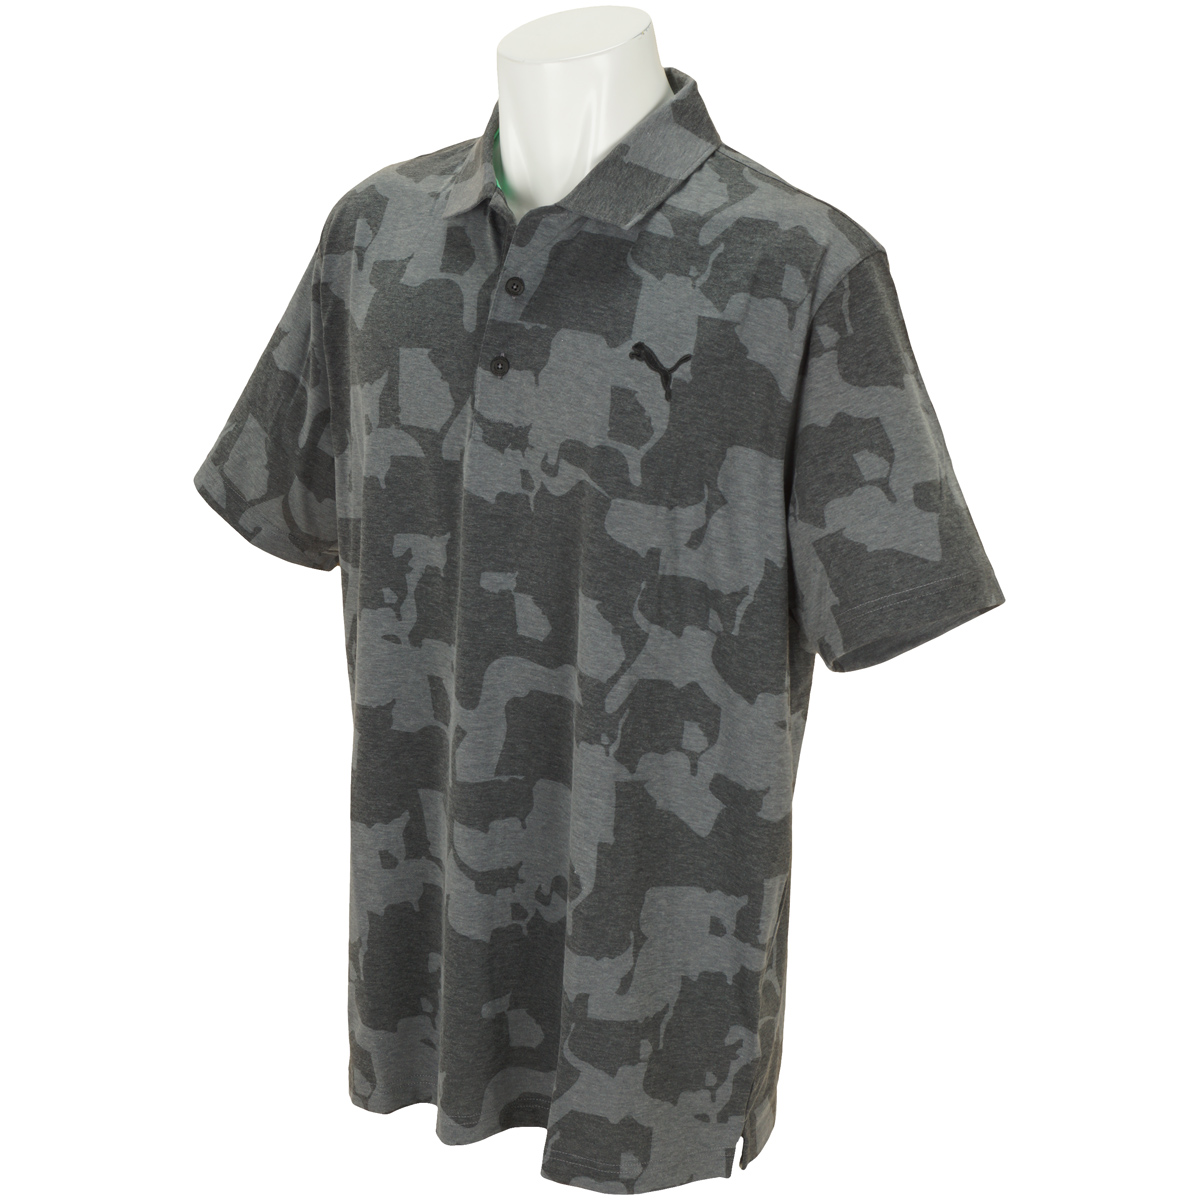 ユニオン カモ 半袖ポロシャツ